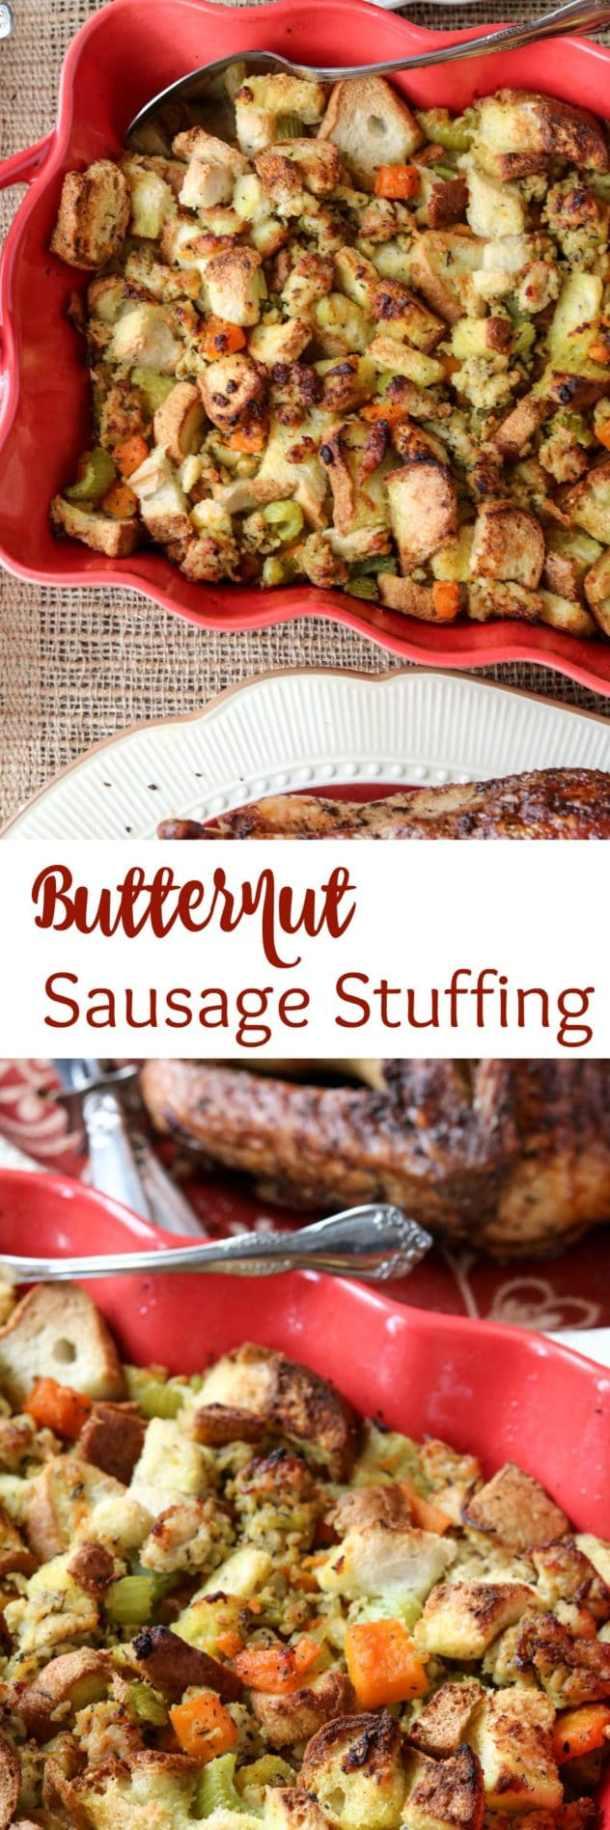 Butternut Sausage Stuffing